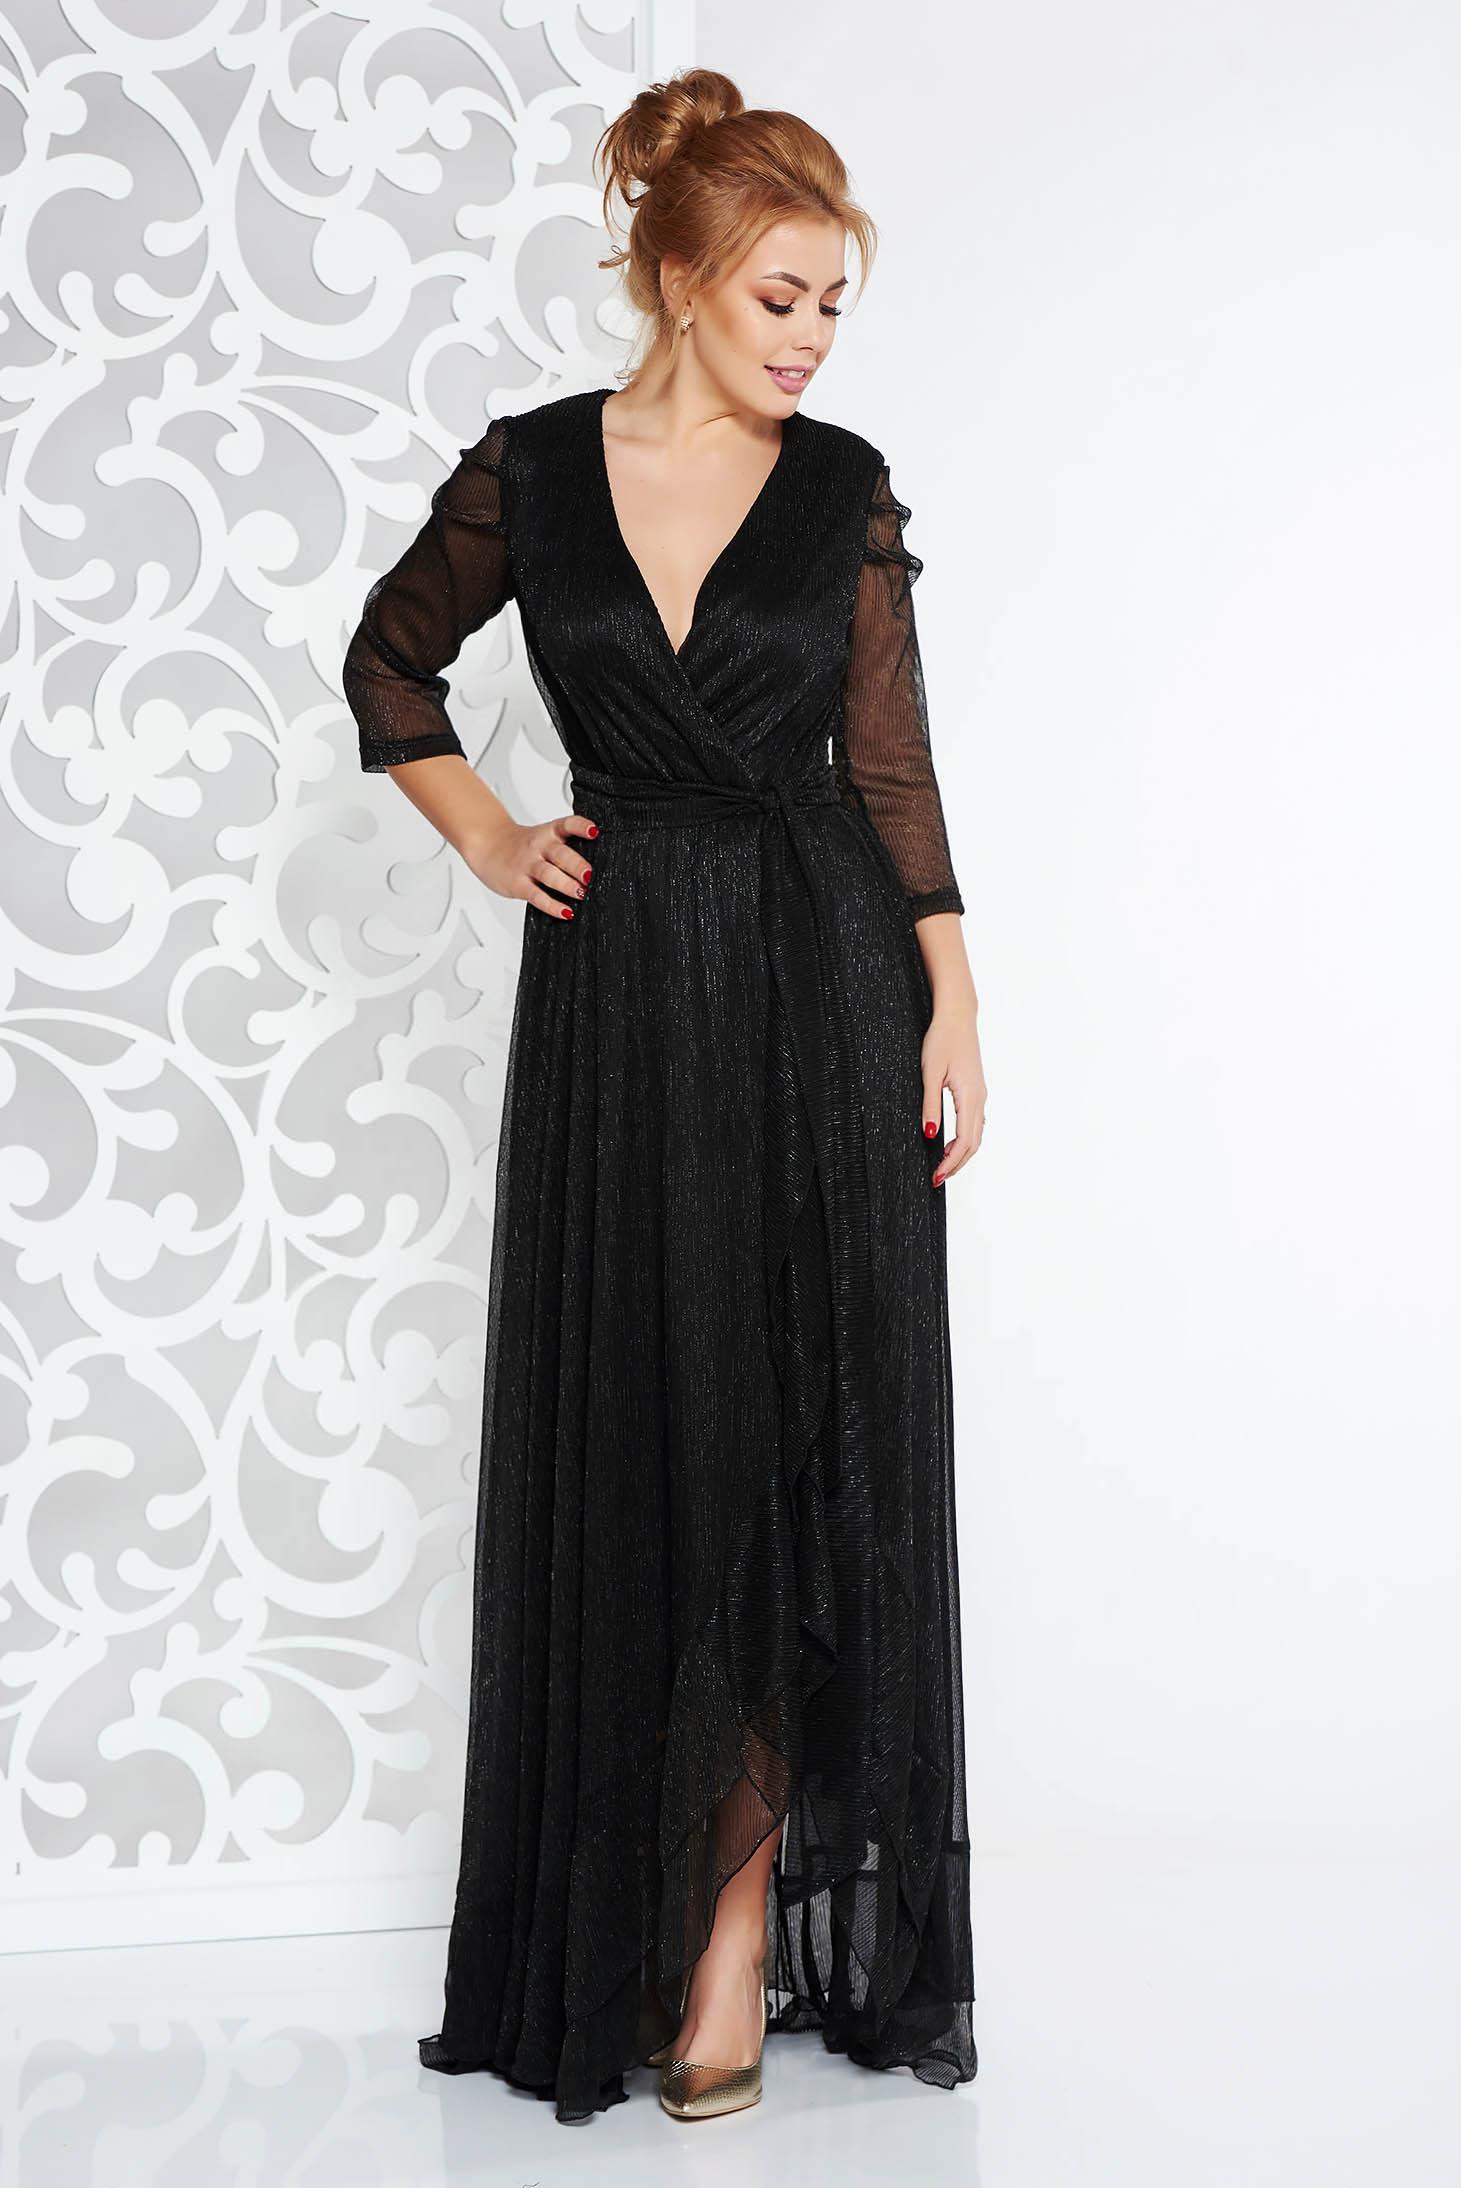 Fekete Artista alkalmi ruha fényes anyag lamé szál belső béléssel övvel  ellátva 6a4f301bea